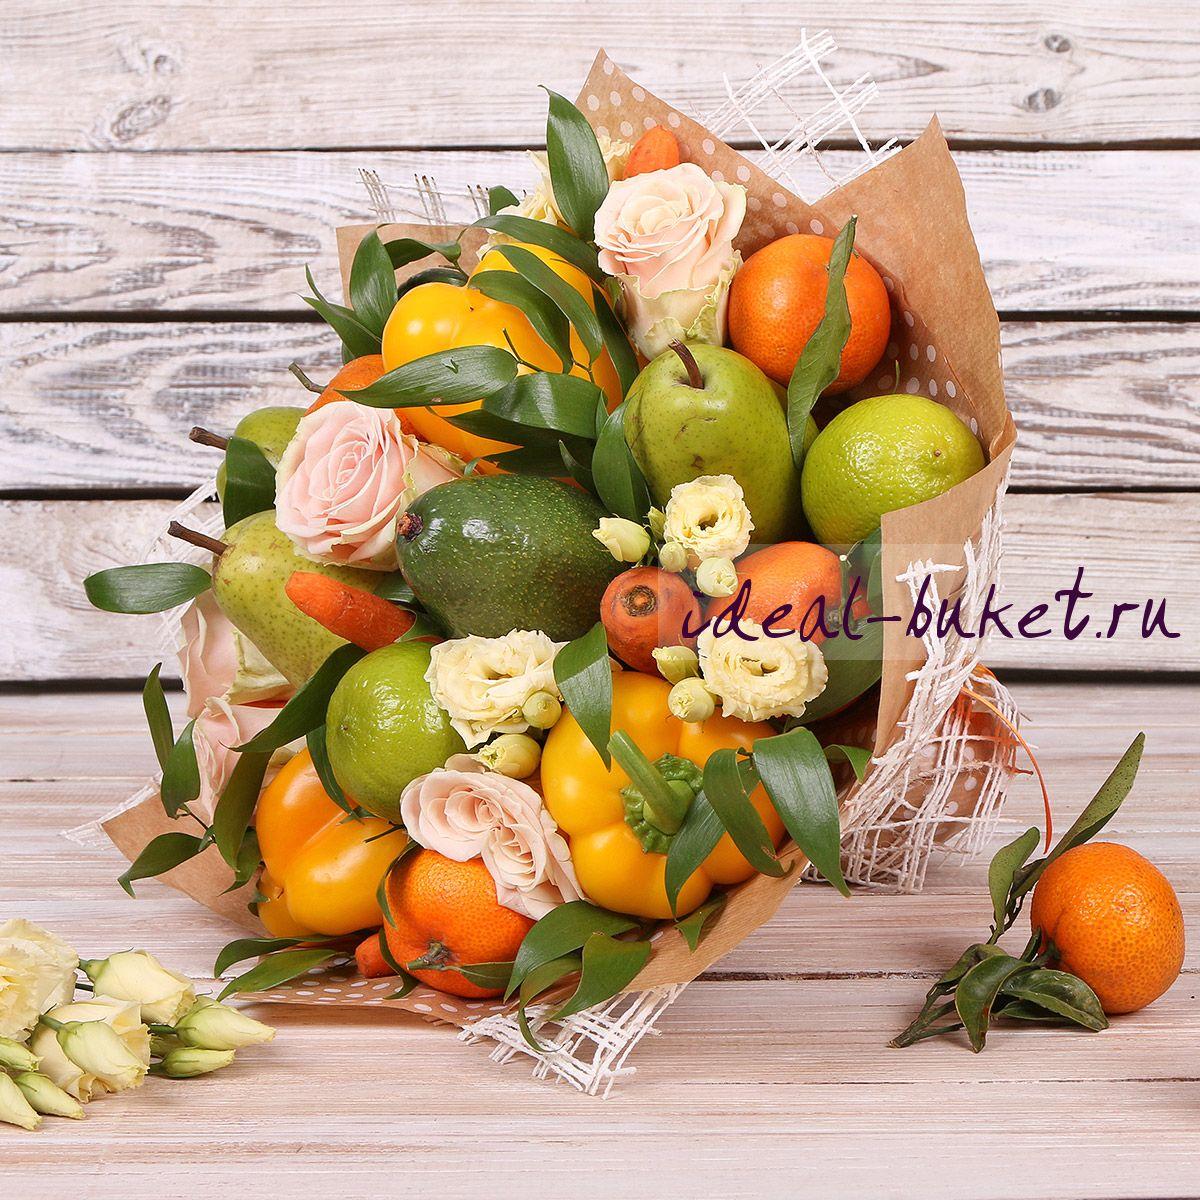 Композиции с цветами и фруктами 88